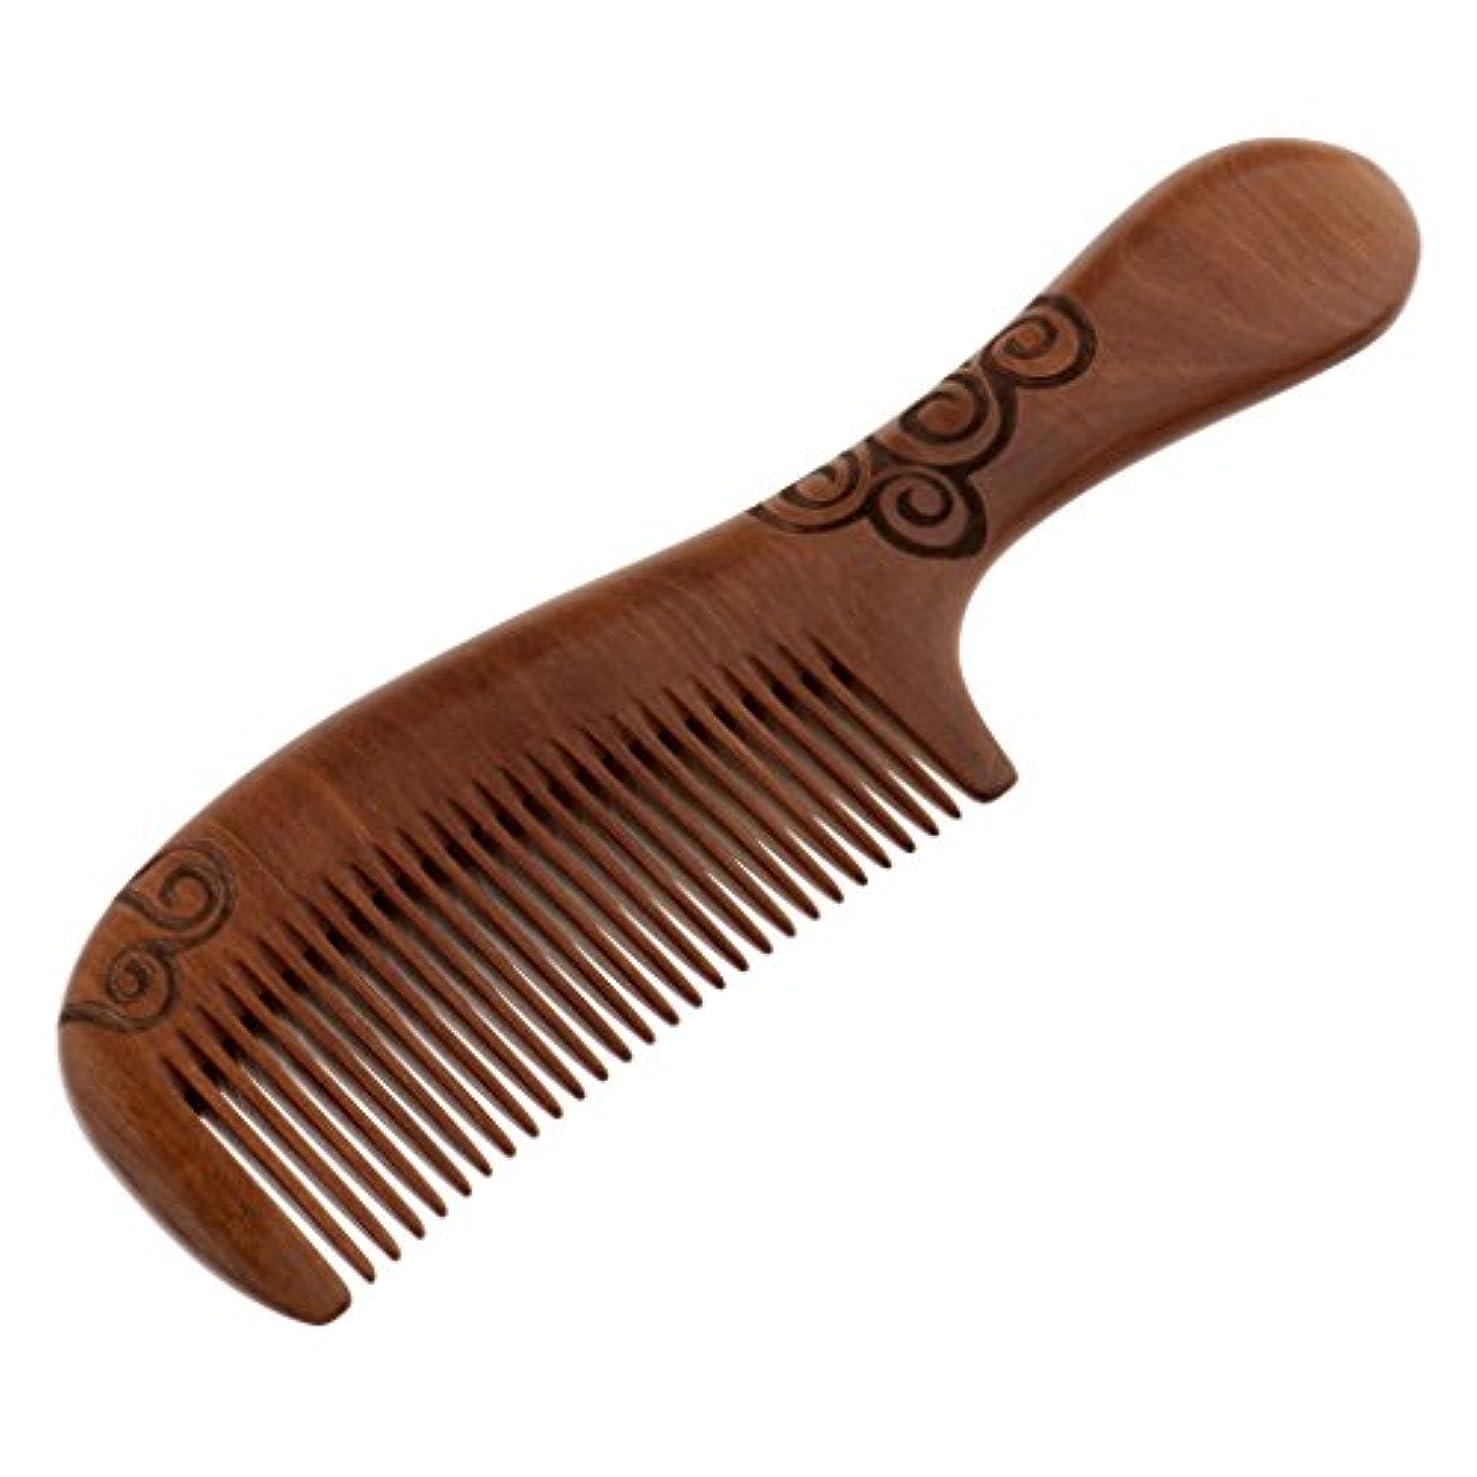 禁じる入射ピースToygogo くし コーム 木製 頭皮マッサージ ヘア櫛 木製ヘアコーム ヘアケア 髪の櫛 帯電防止 耐熱性